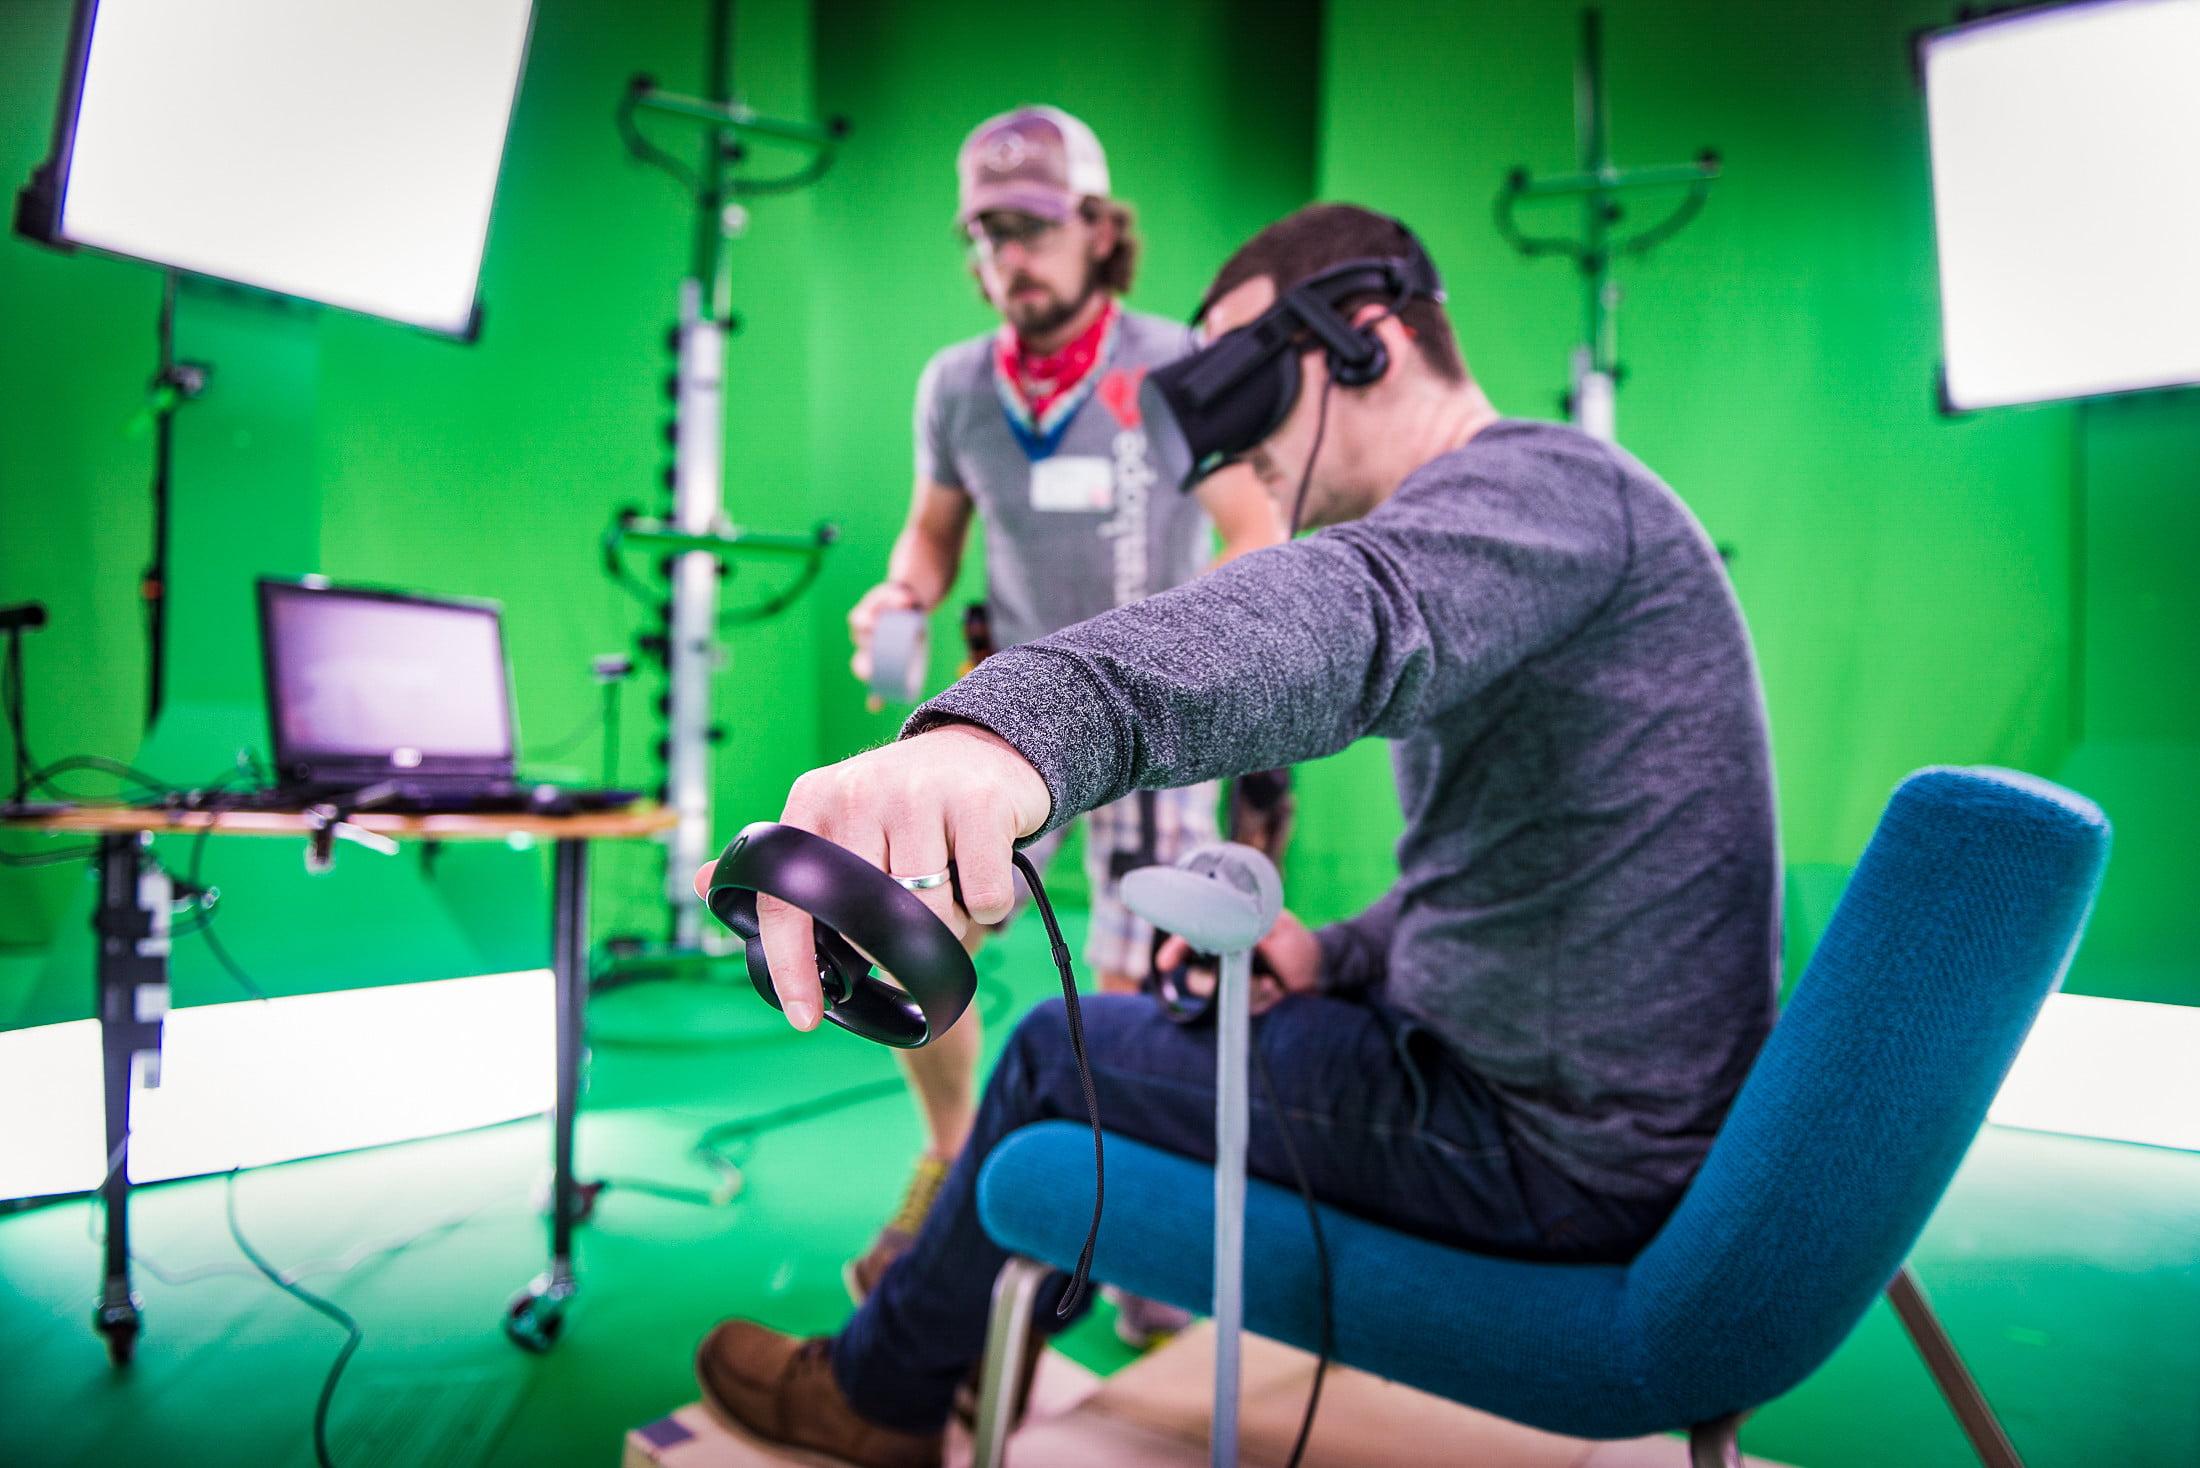 Dans les coulisses du tournage de la capture de mouvement Awake VR.